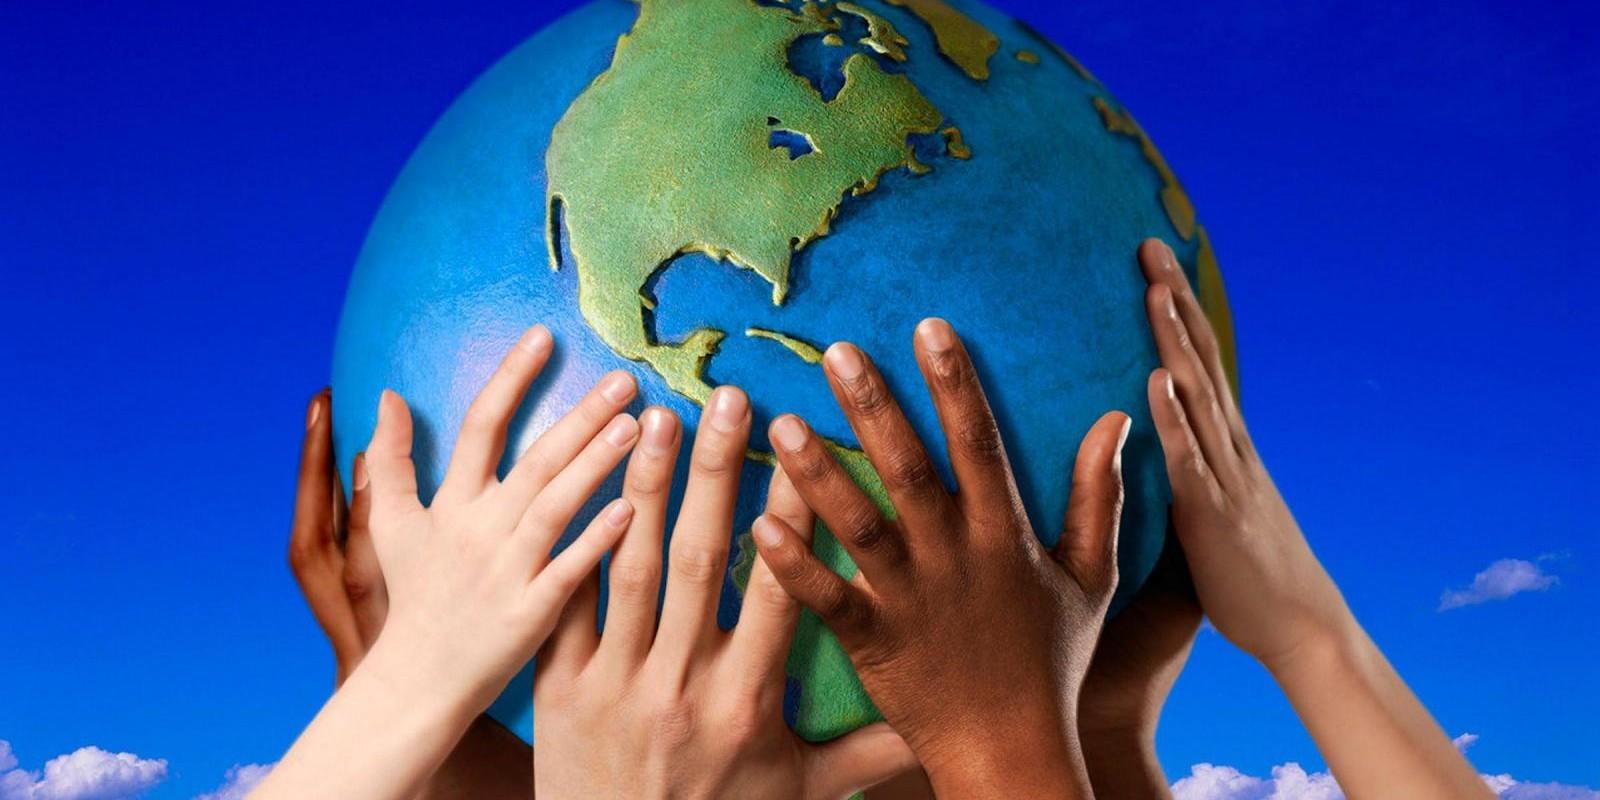 Em Sc, Crianças Dão Exemplo E Criam Projetos De Solidariedade